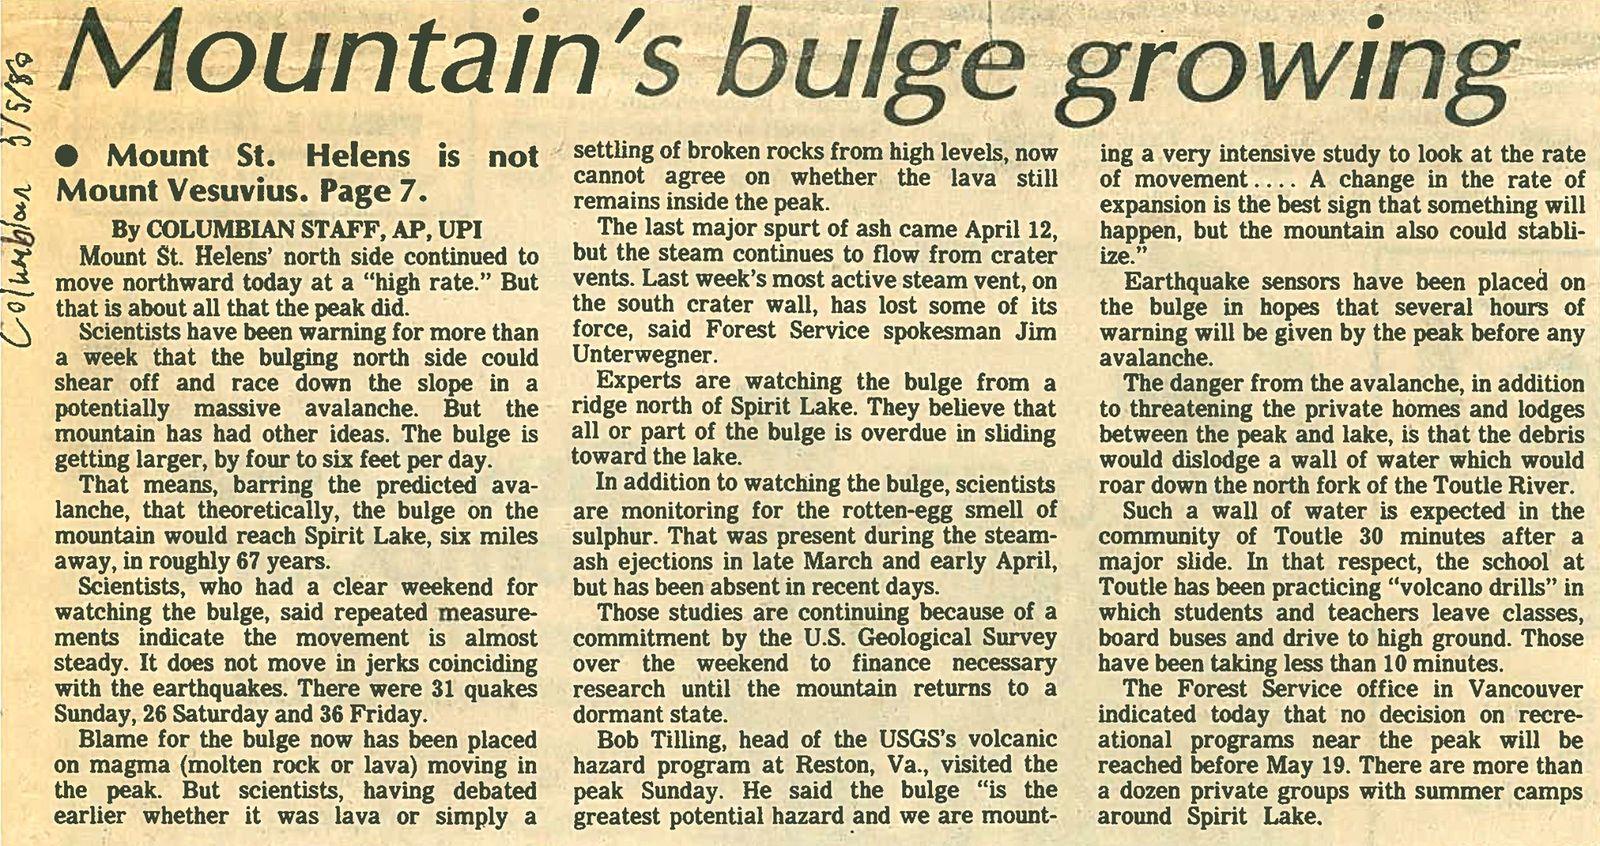 St Helens - Article du 03.05.1980dans le Columbian journal commentant la croissance du renflement  - un clic pour agrandir